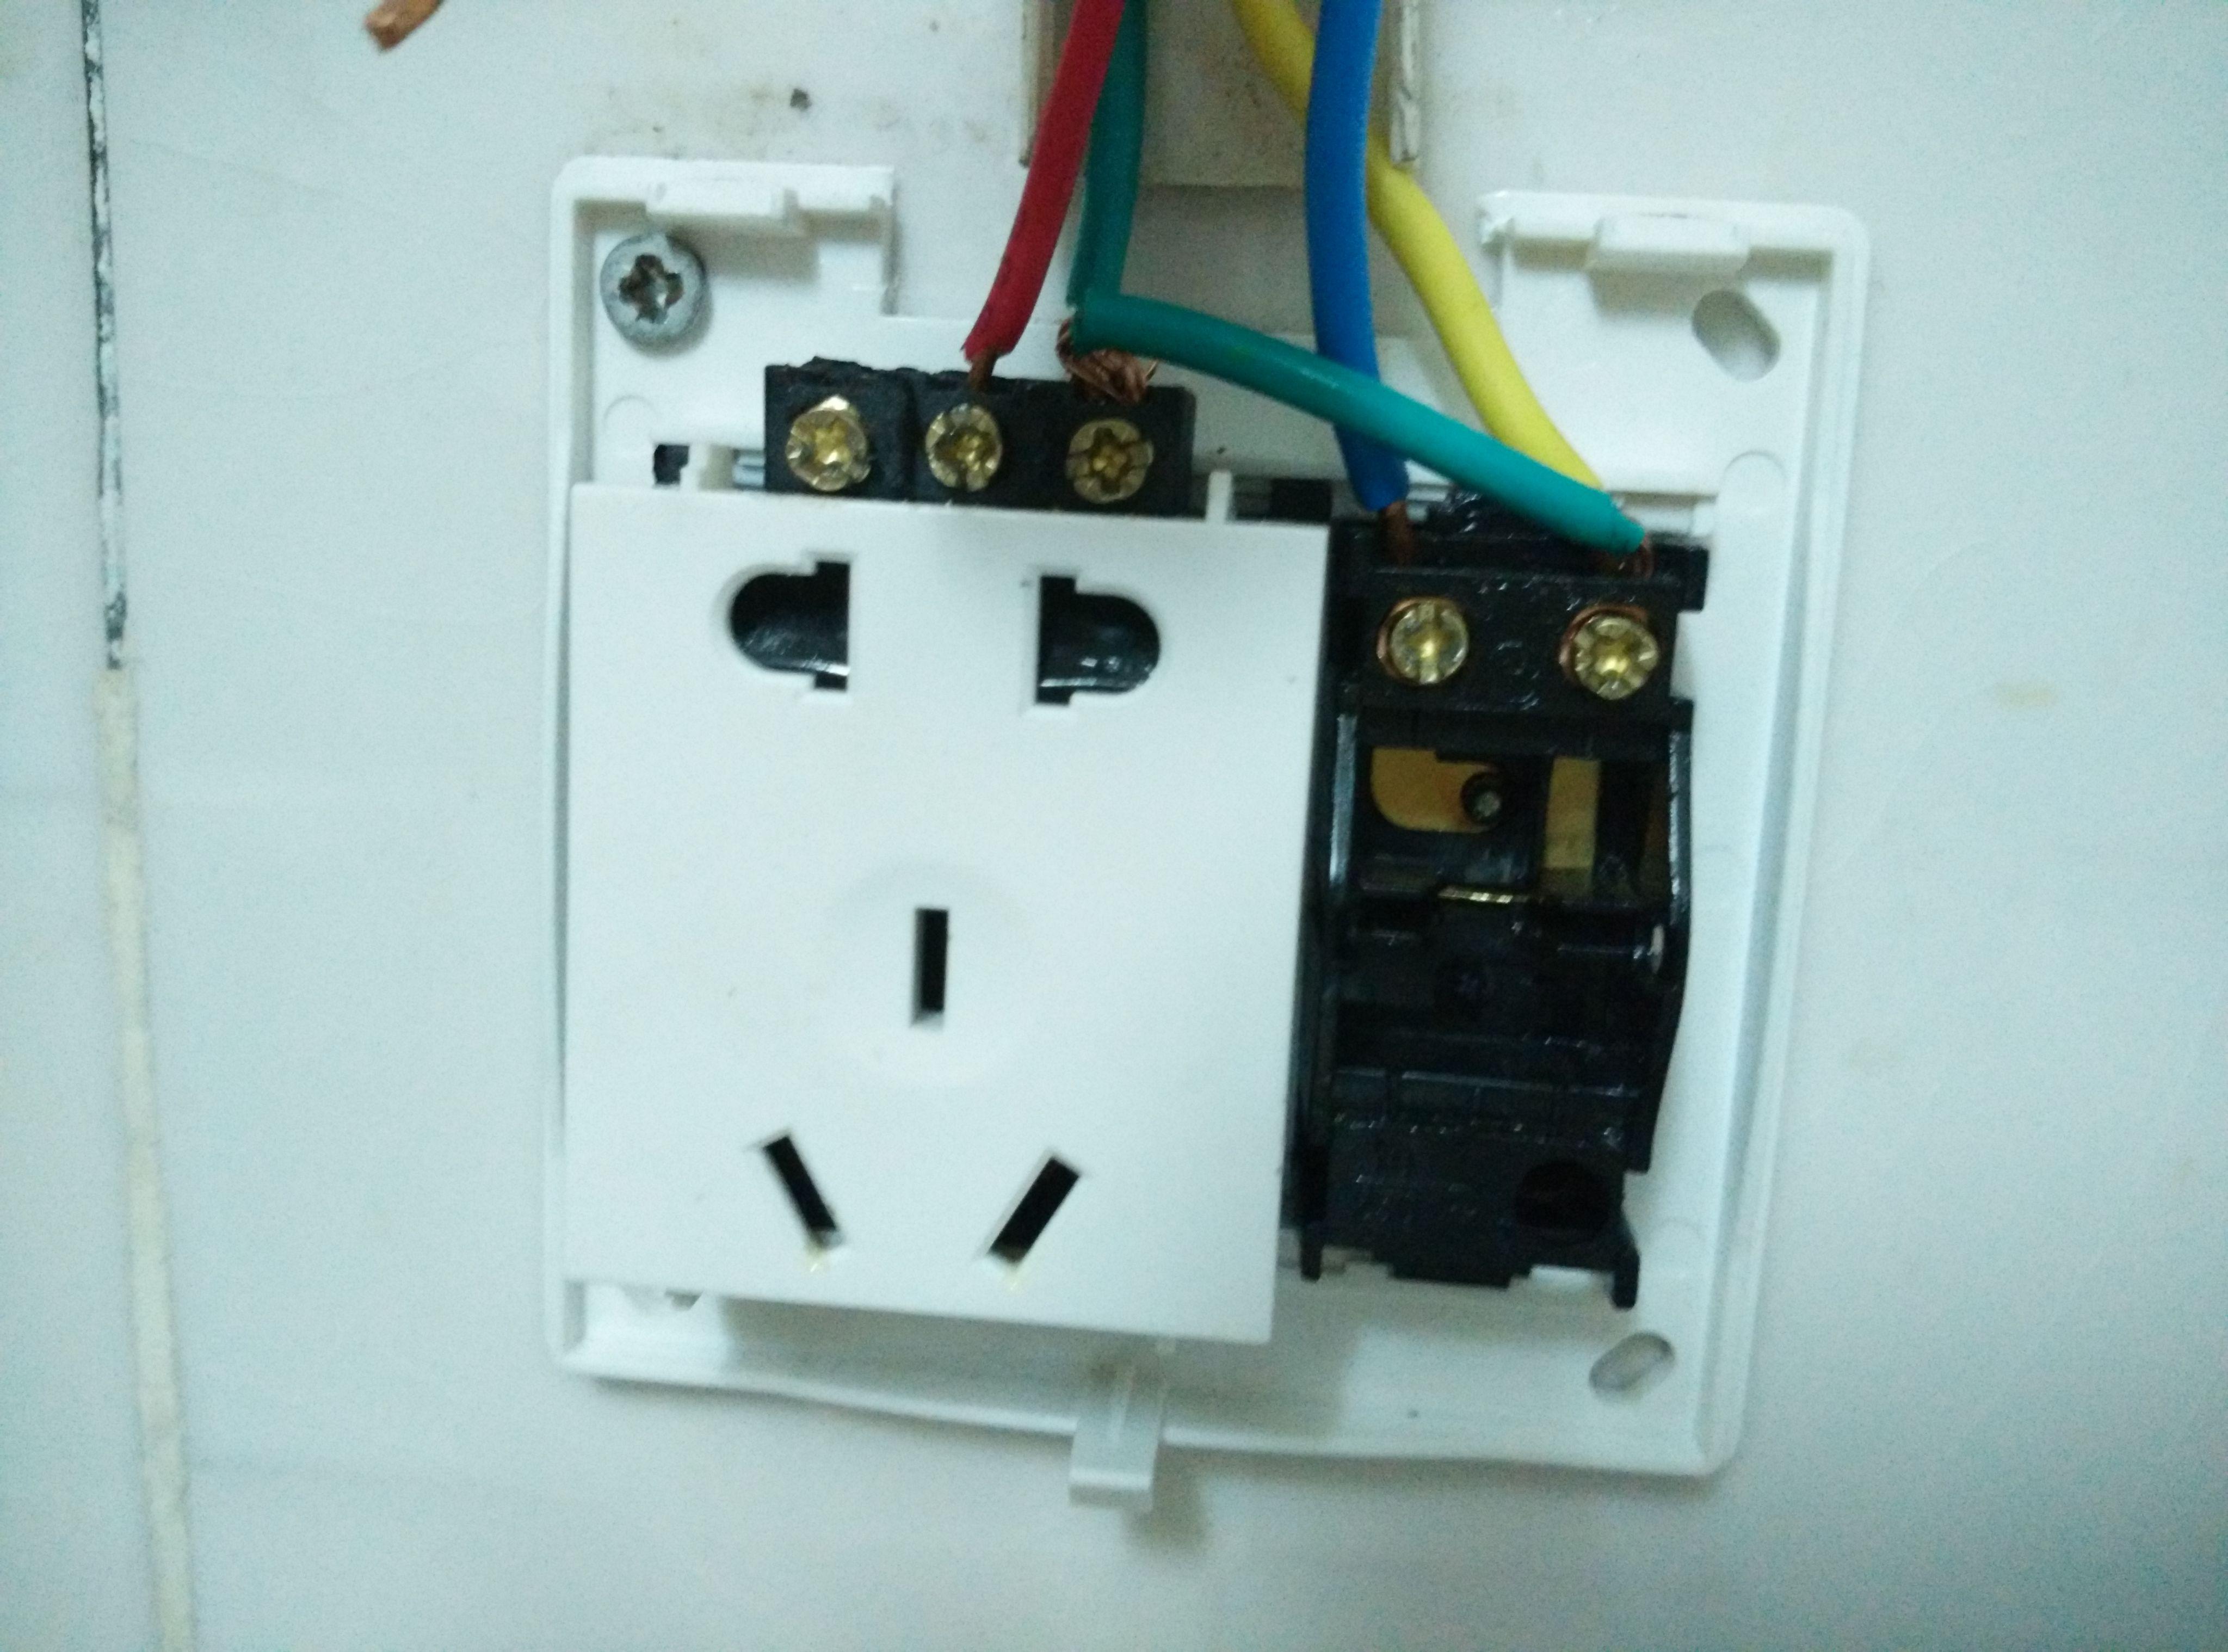 一文看懂单开加5孔插座的接线方法(家装电工必备)  一开五孔单控开关详图